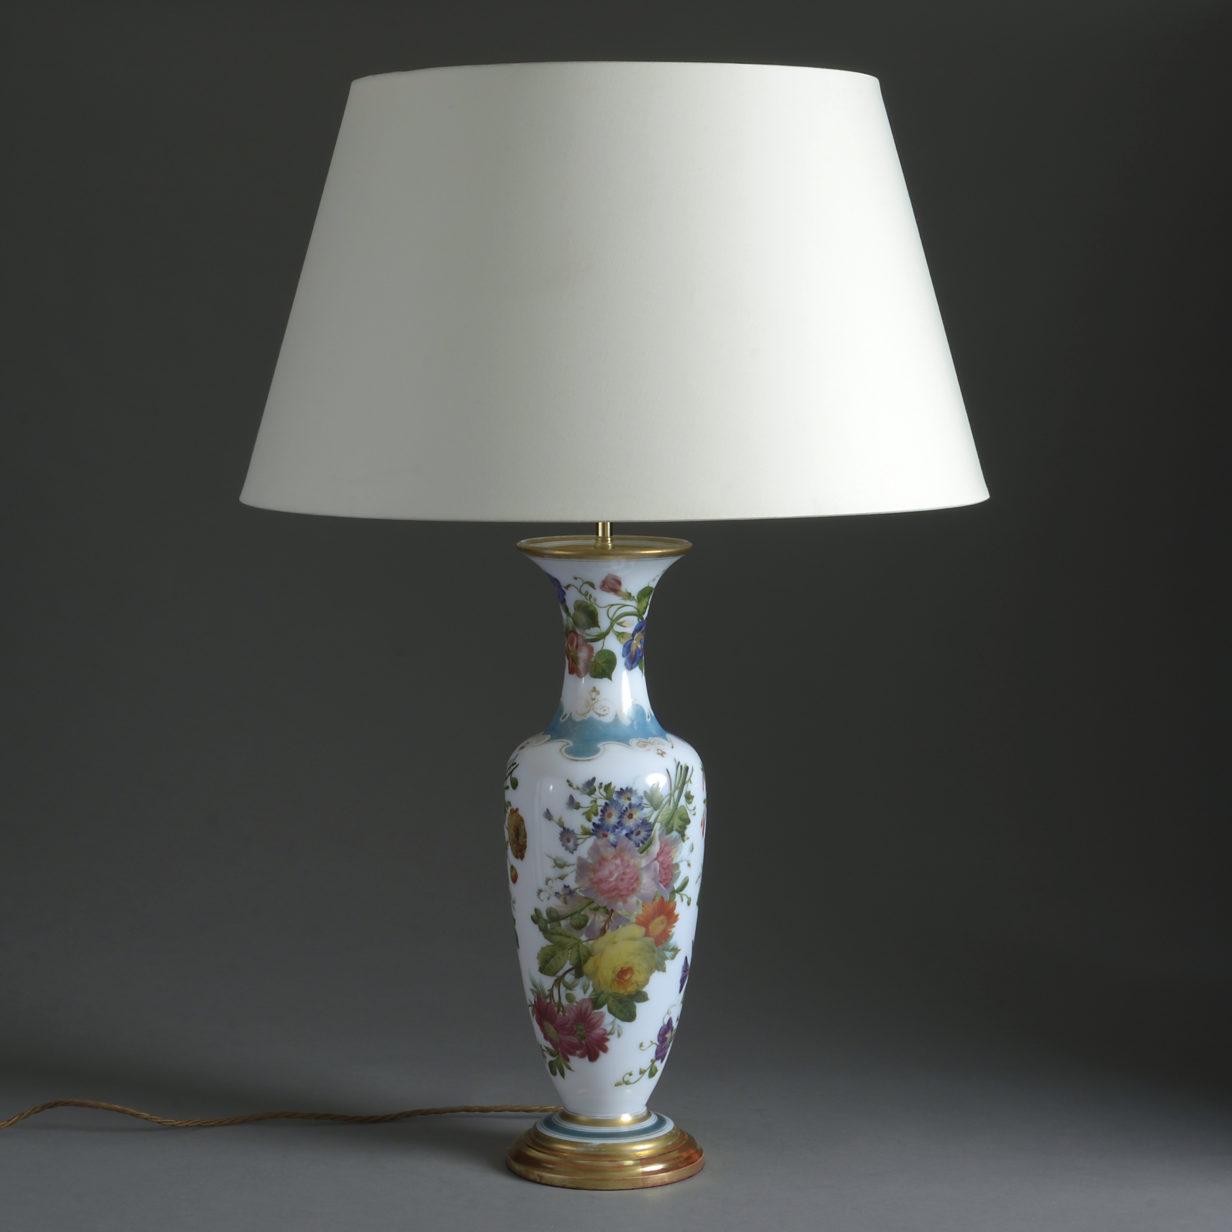 Tall Opaline Glass Lamp